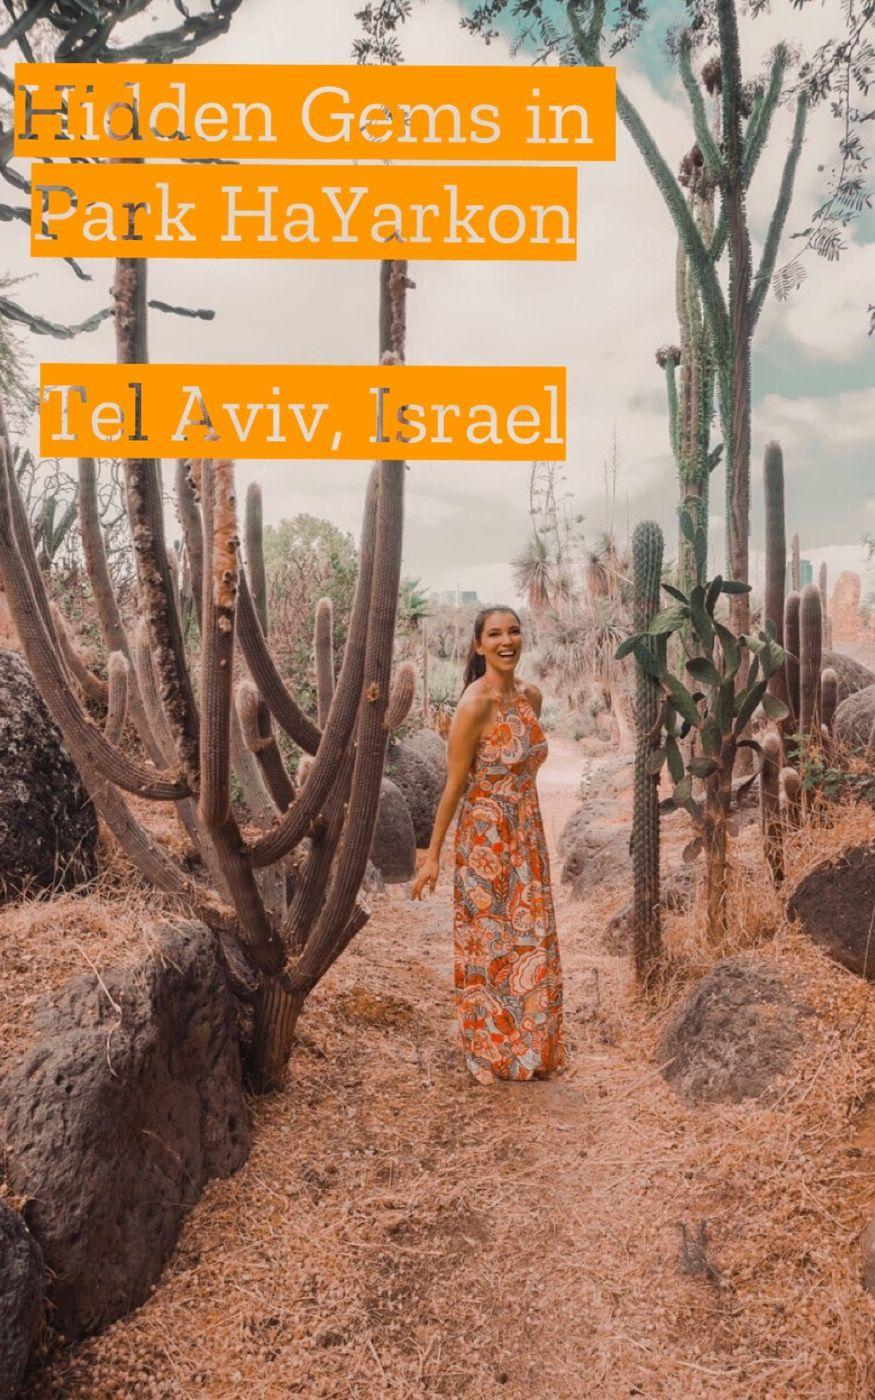 Hidden Gems of Park HaYarkon, Tel Aviv Israel